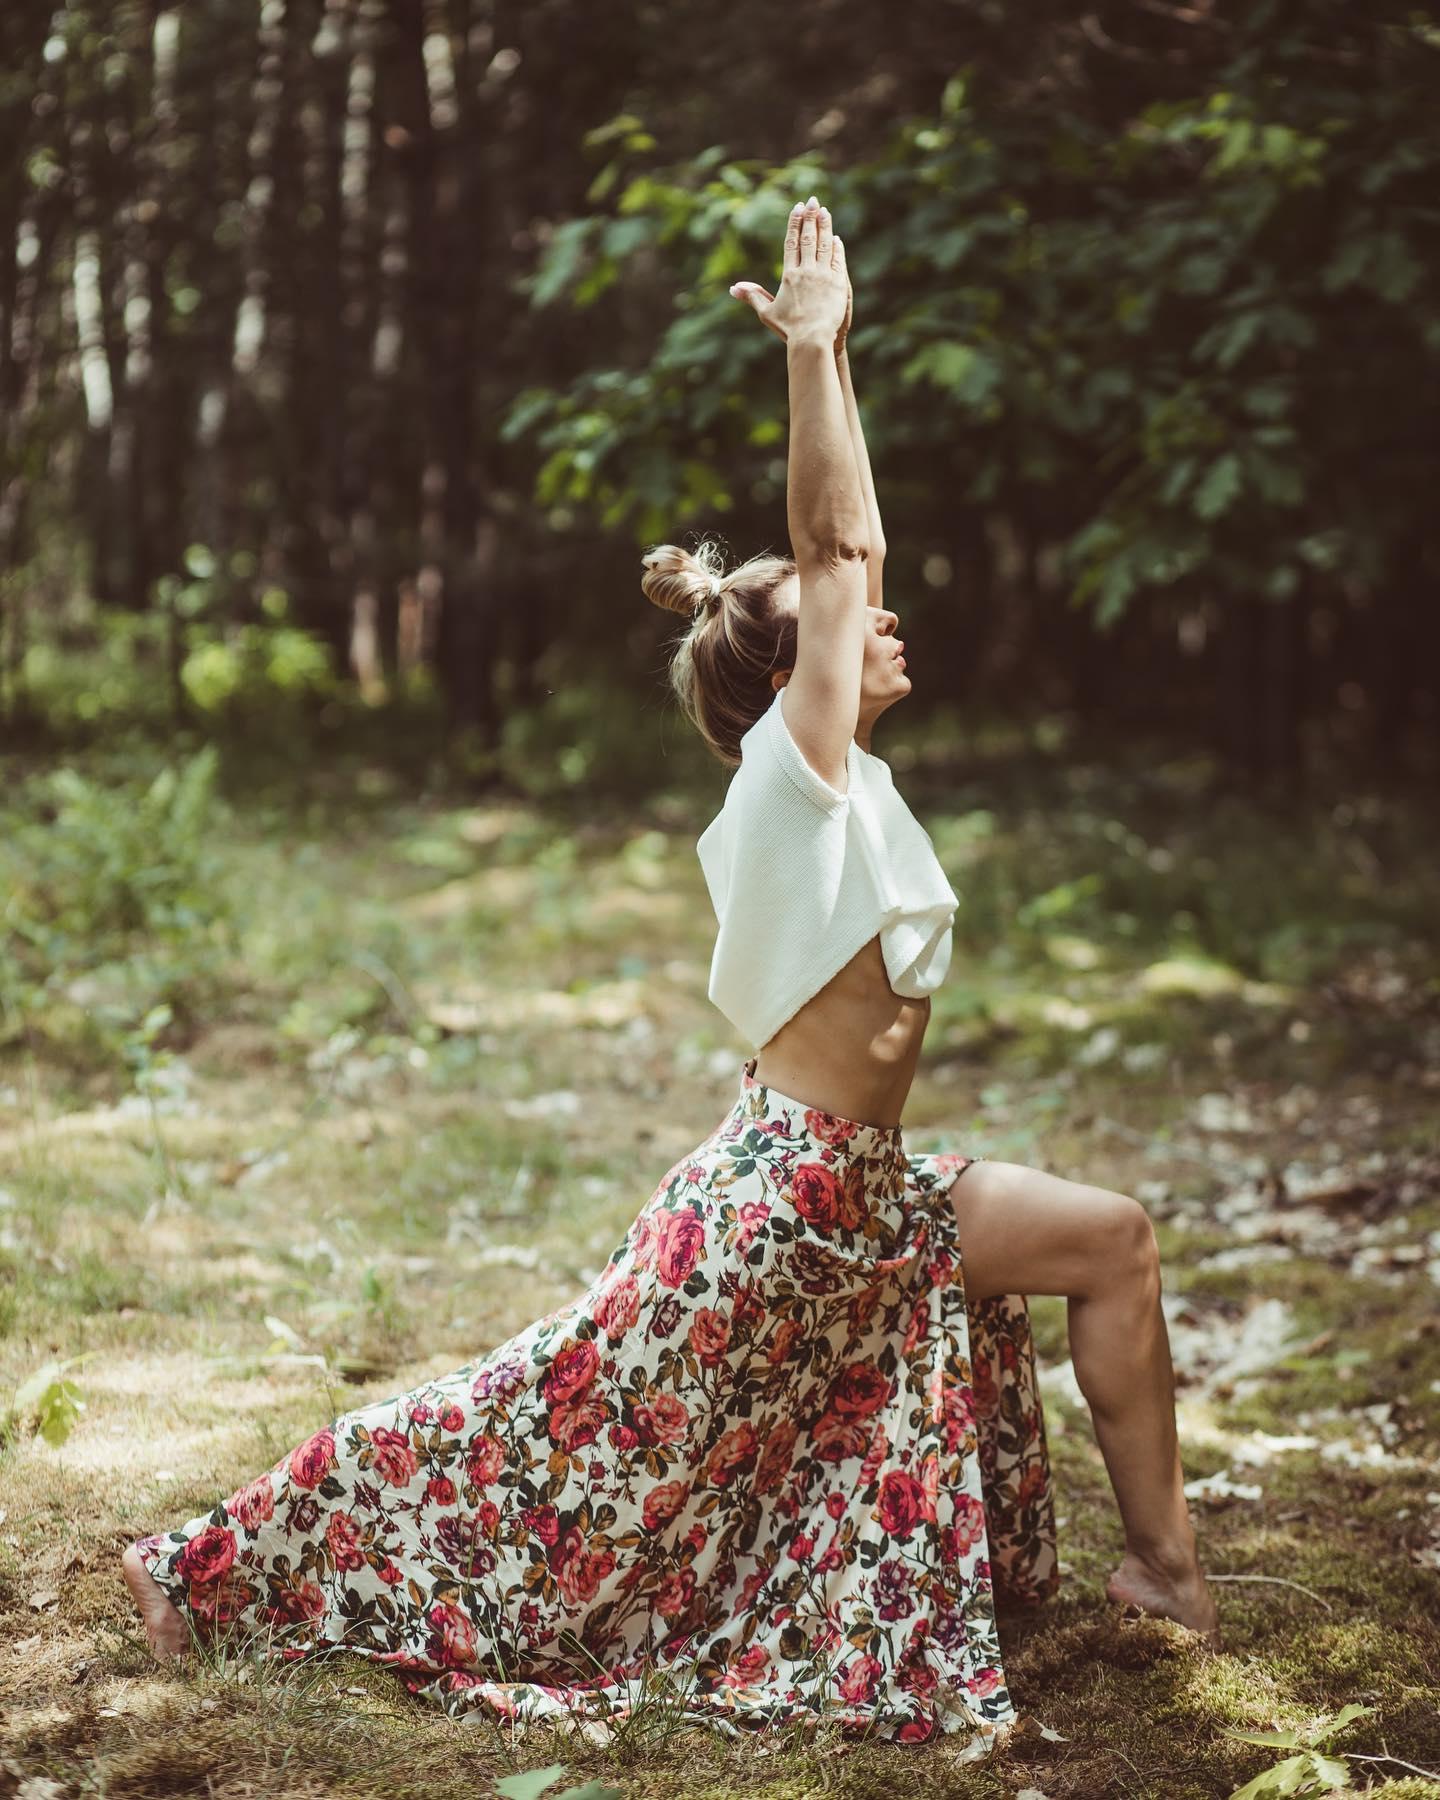 Spódnica i top do zadań specjalnych… Co powicie na jogę w stylu boho…?